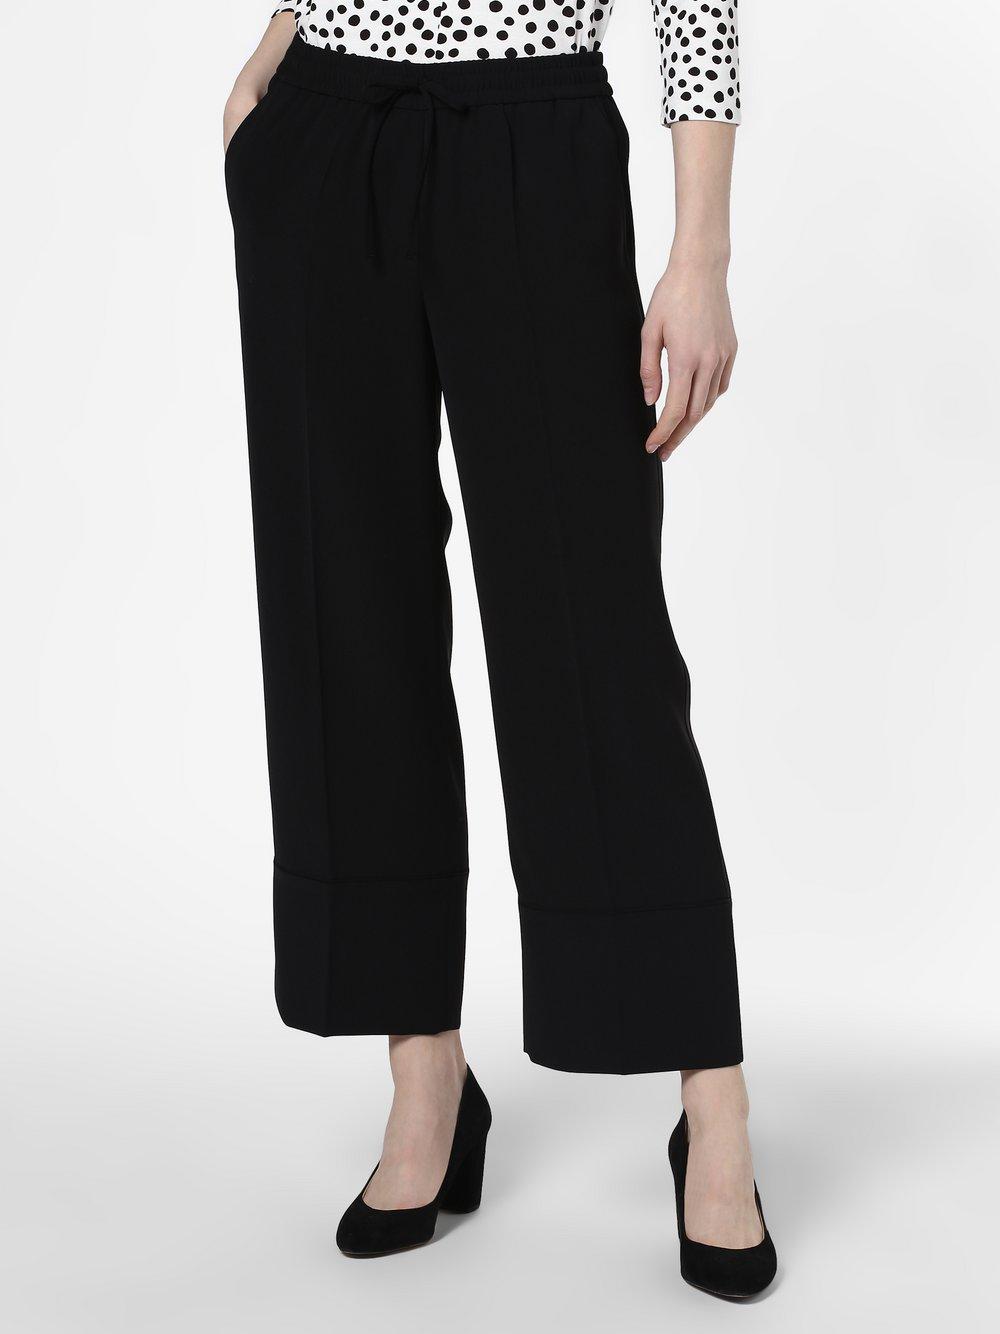 Someday - Spodnie damskie – Chulala, czarny